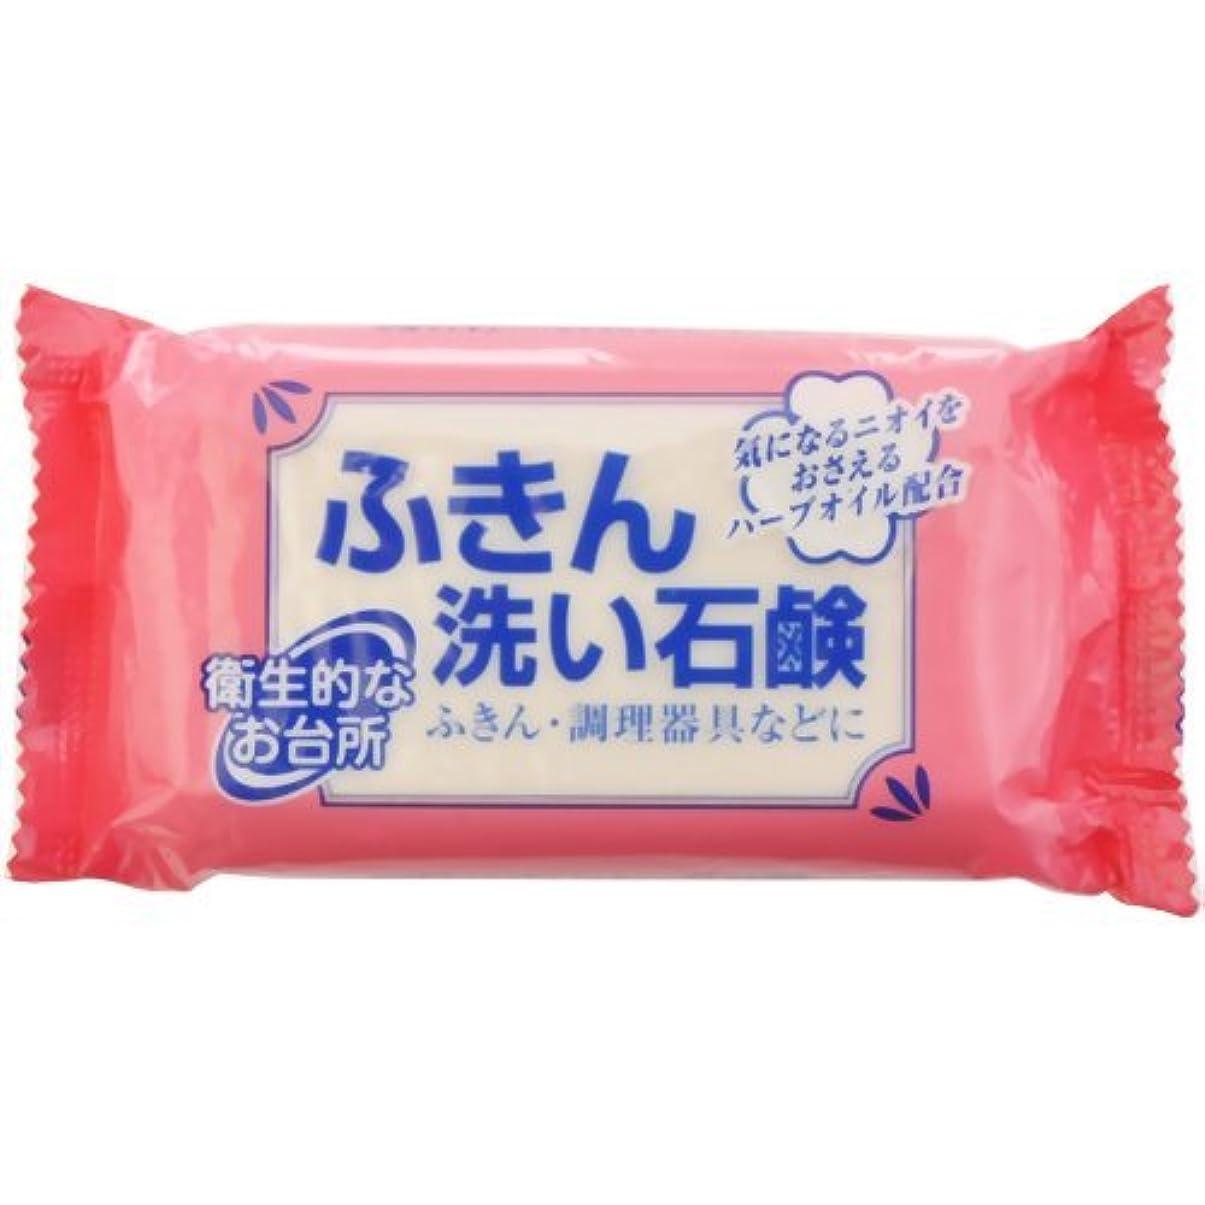 ふきん洗い石鹸 135g